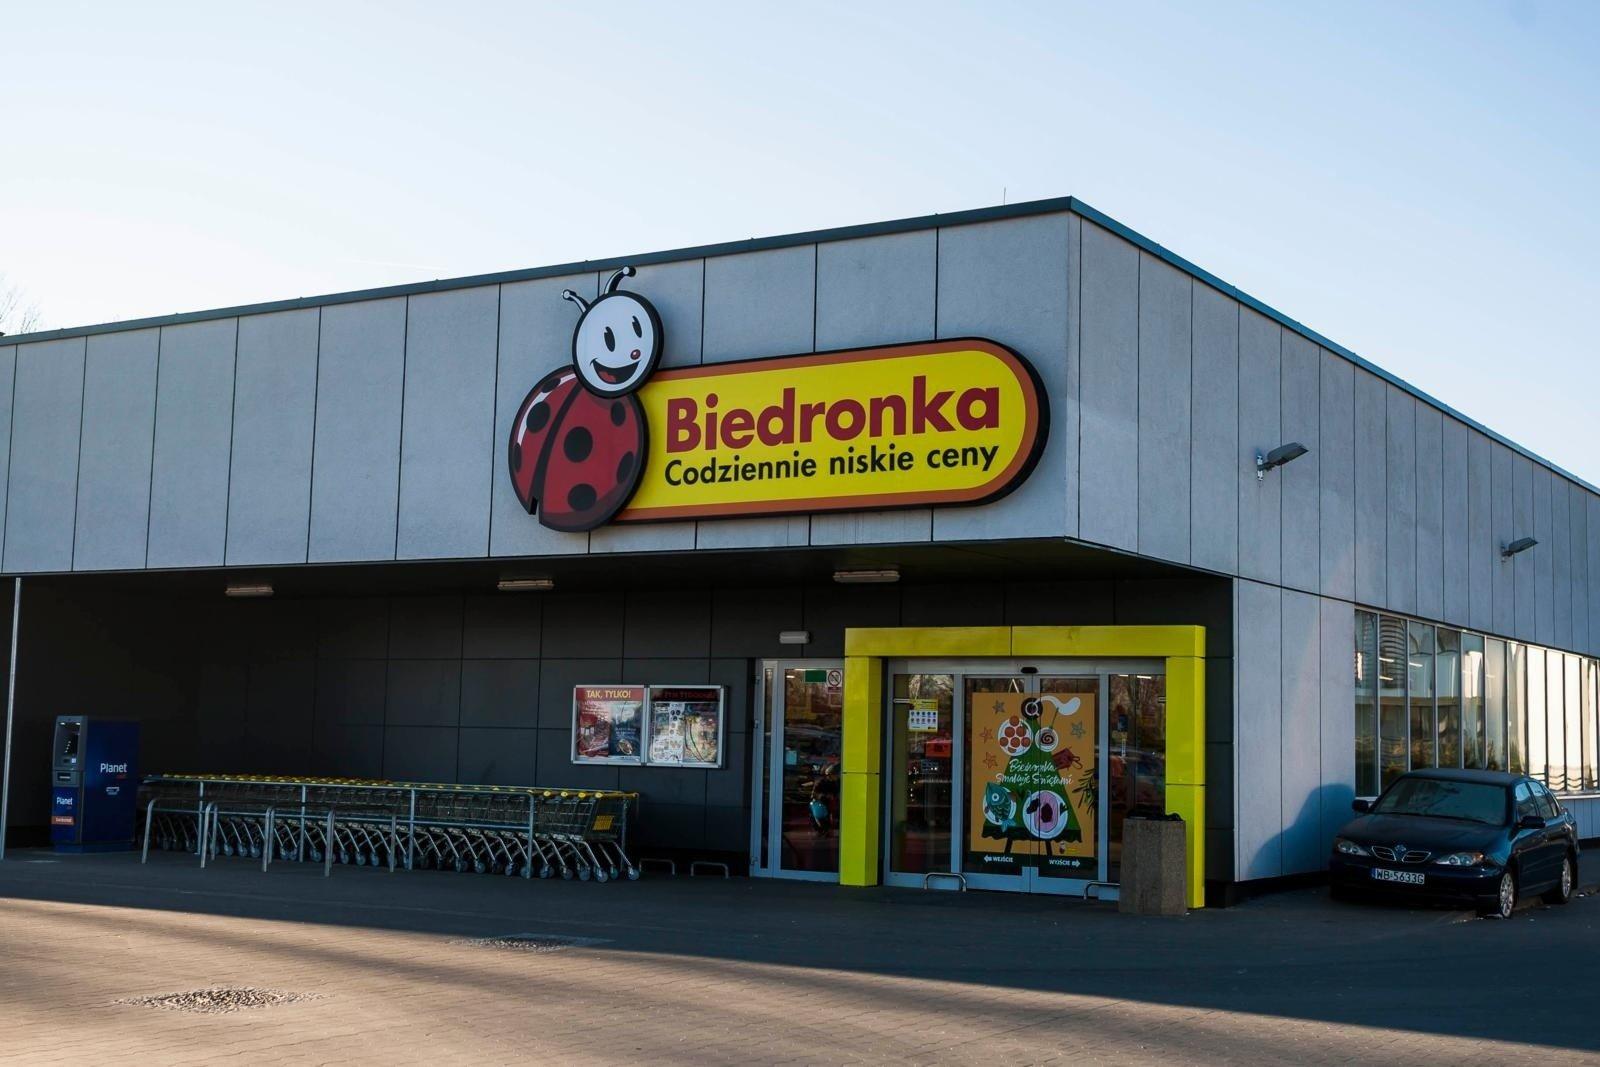 435a103d4c22 Wielka Sobota  sklepy. Do której w Wielką Sobotę są otwarte sklepy ...